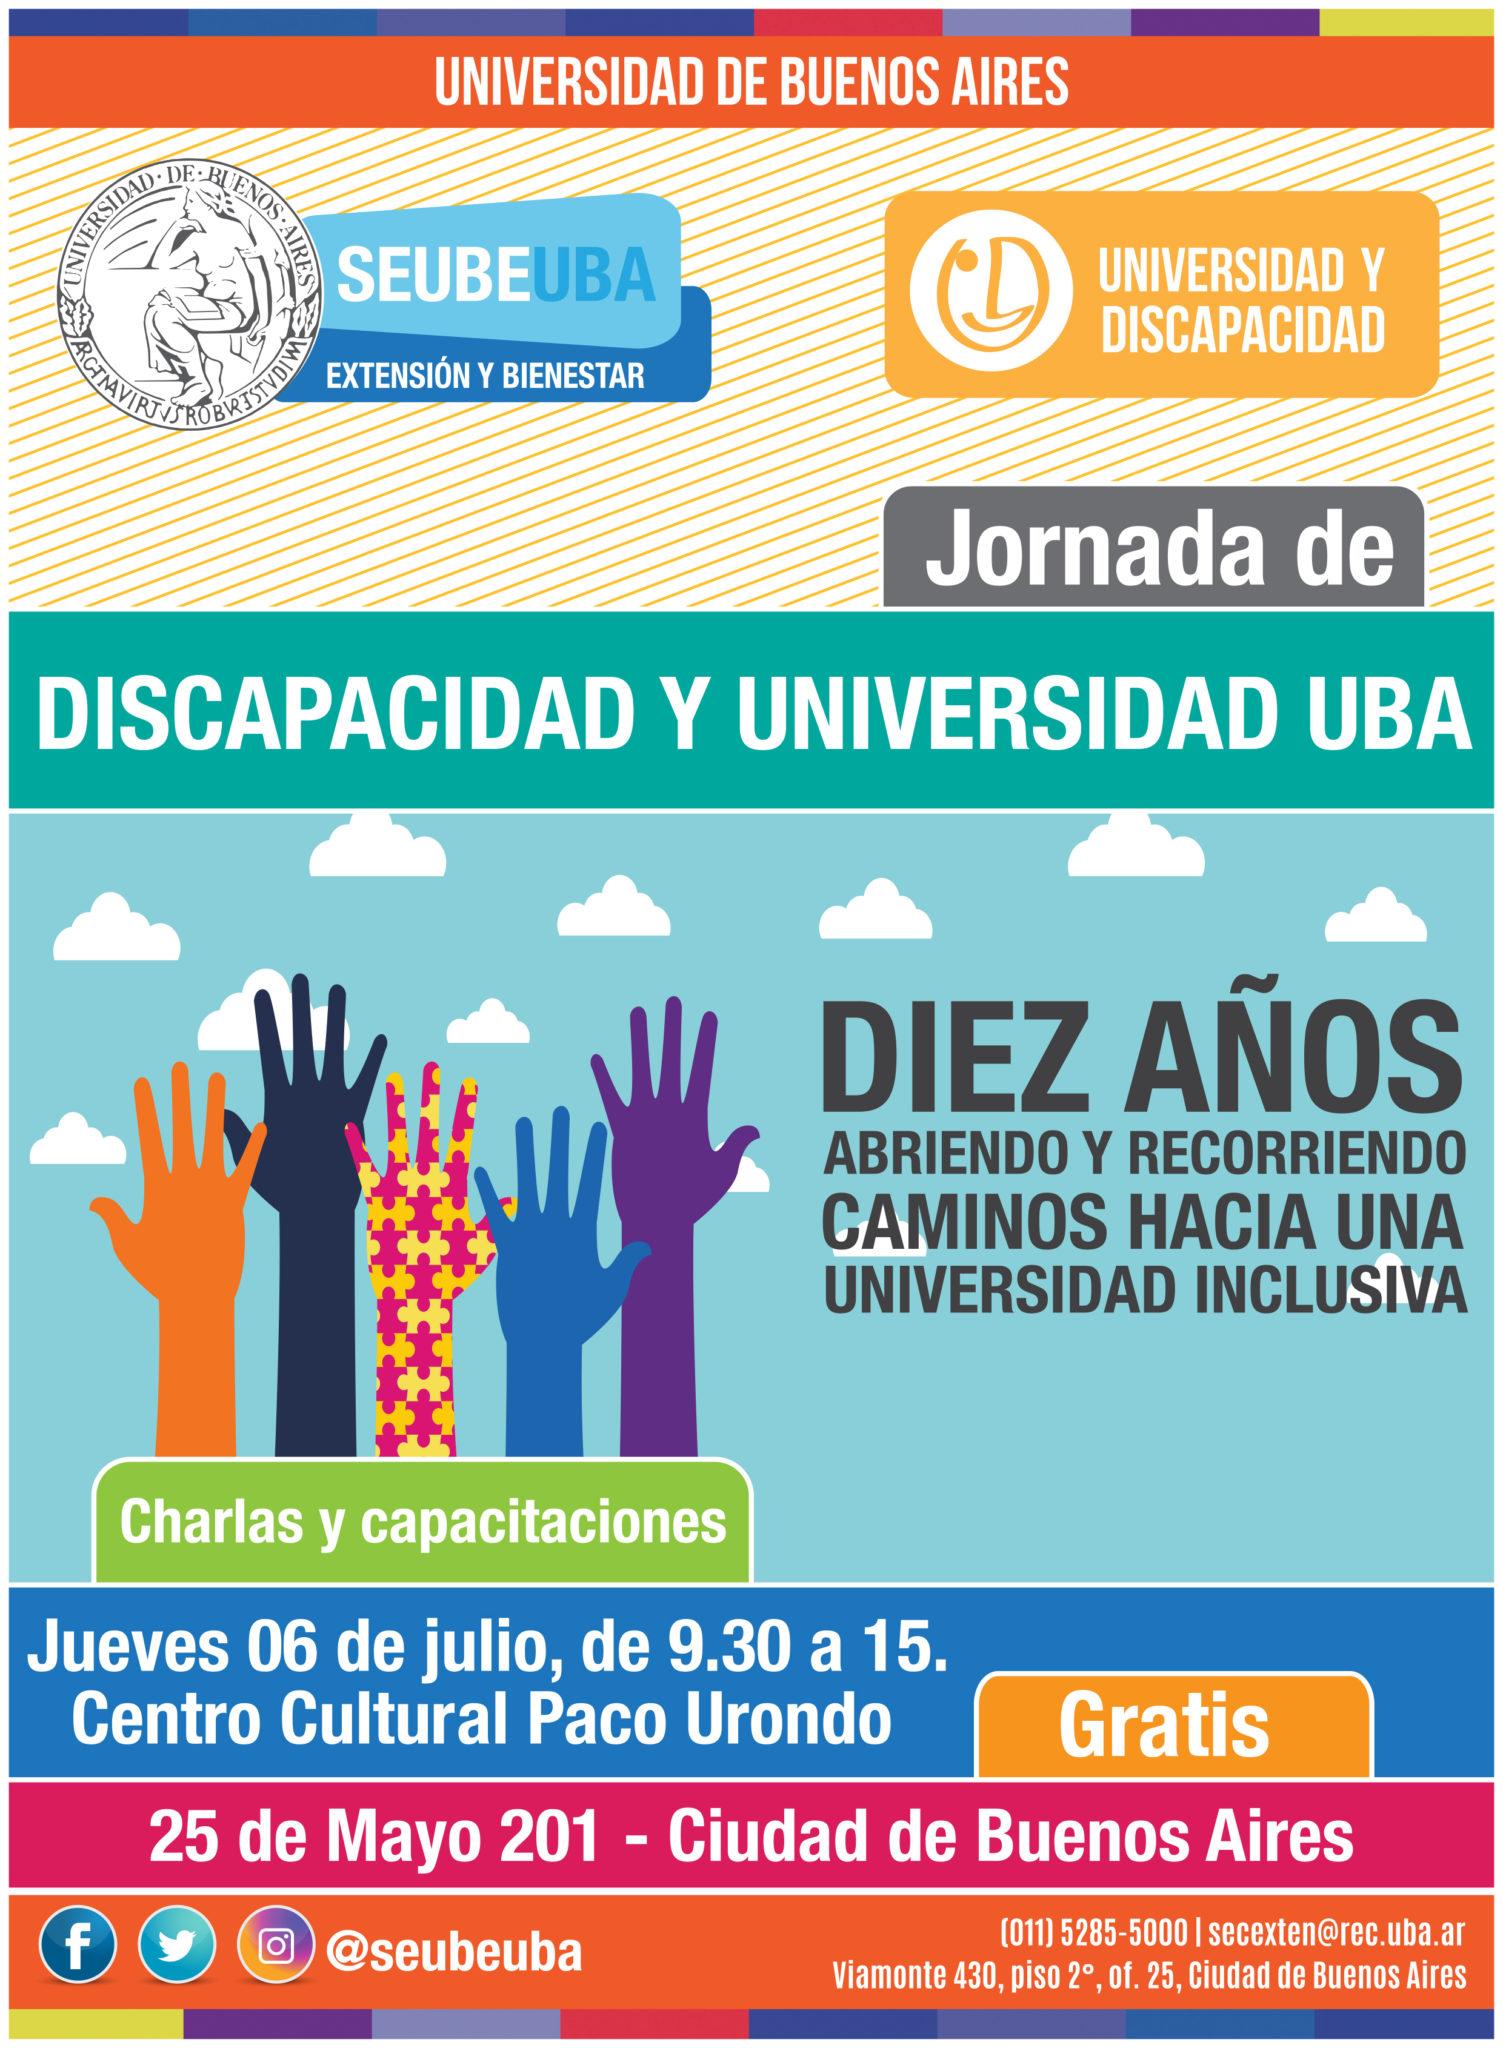 Jornada de #DiscapacidadyUniversidadUBA, a diez años de la creación del programa  abriendo y recorriendo caminos hacia una universidad inclusiva